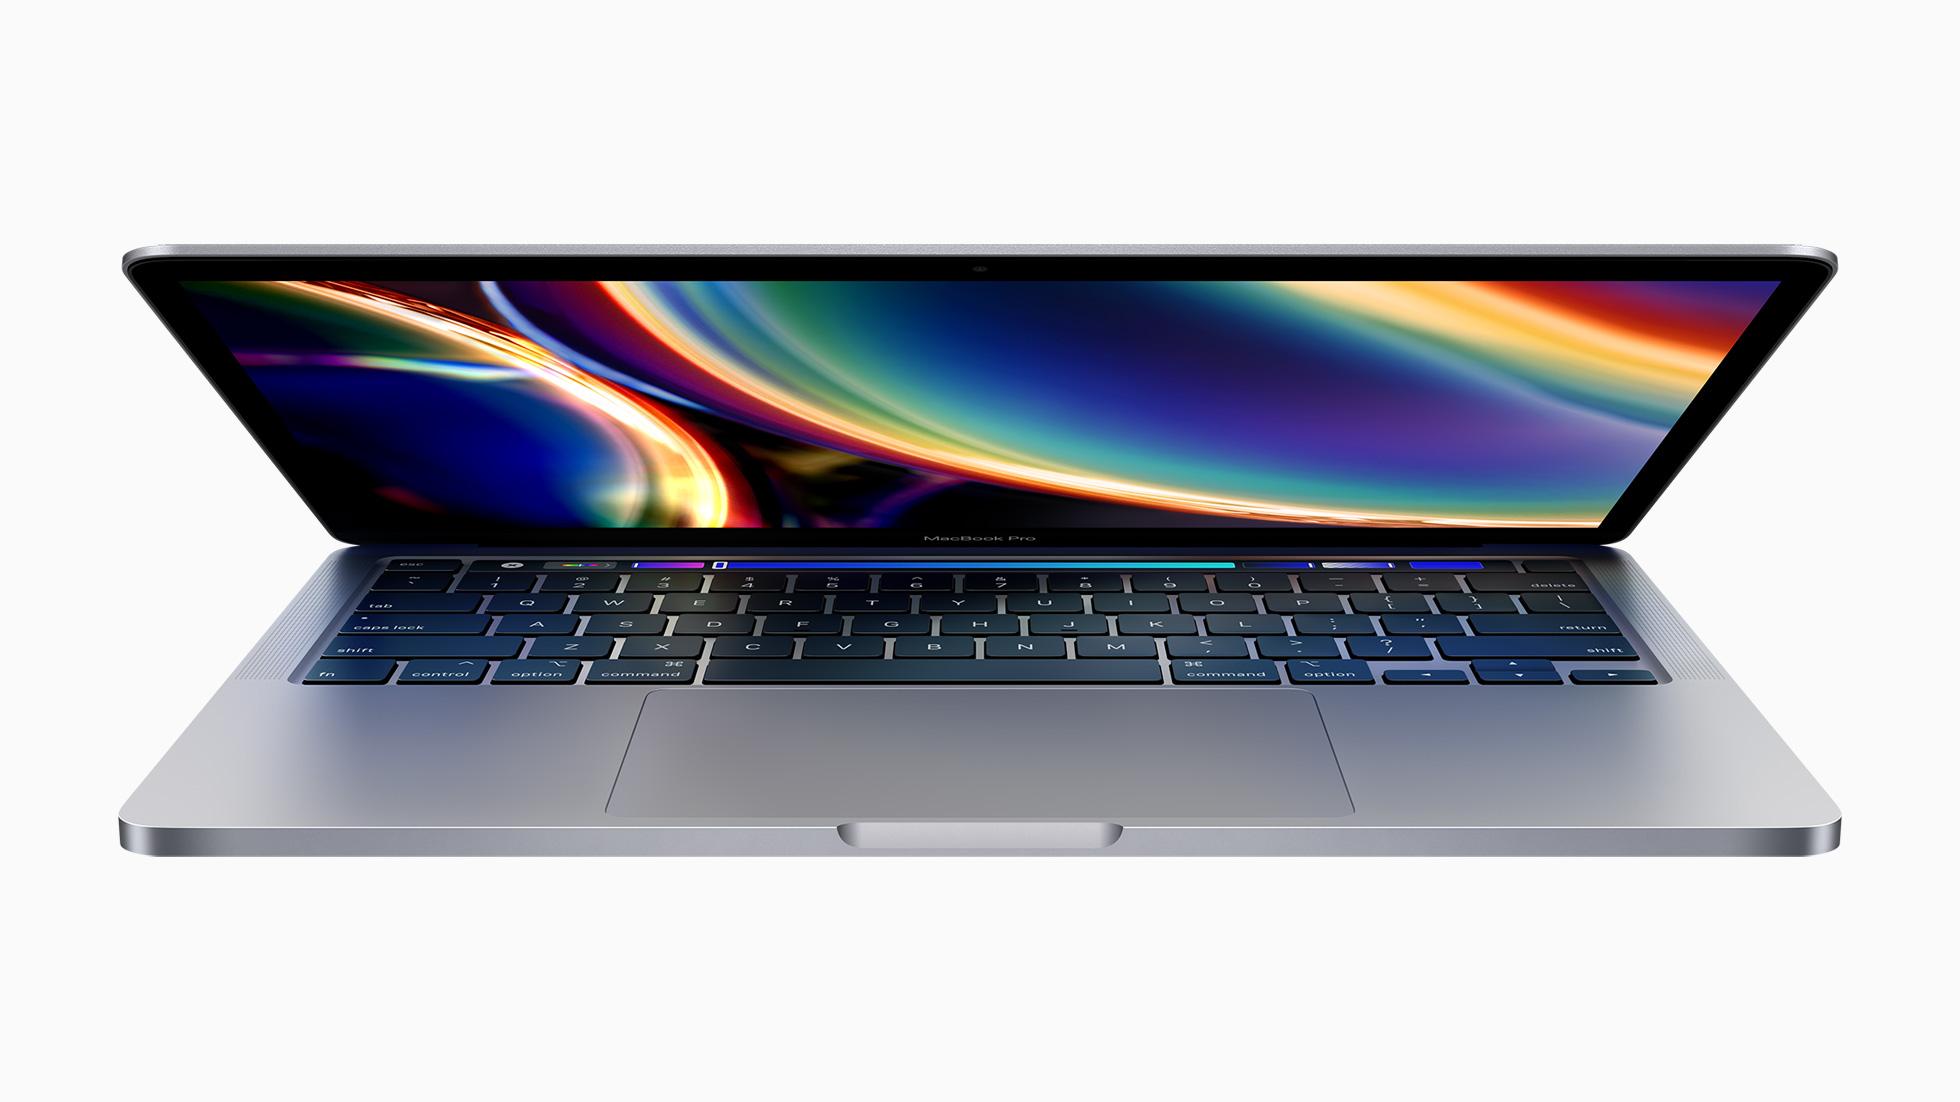 全新 13'' MacBook Pro 发布!妙控键盘回归、搭载第十代酷睿处理器